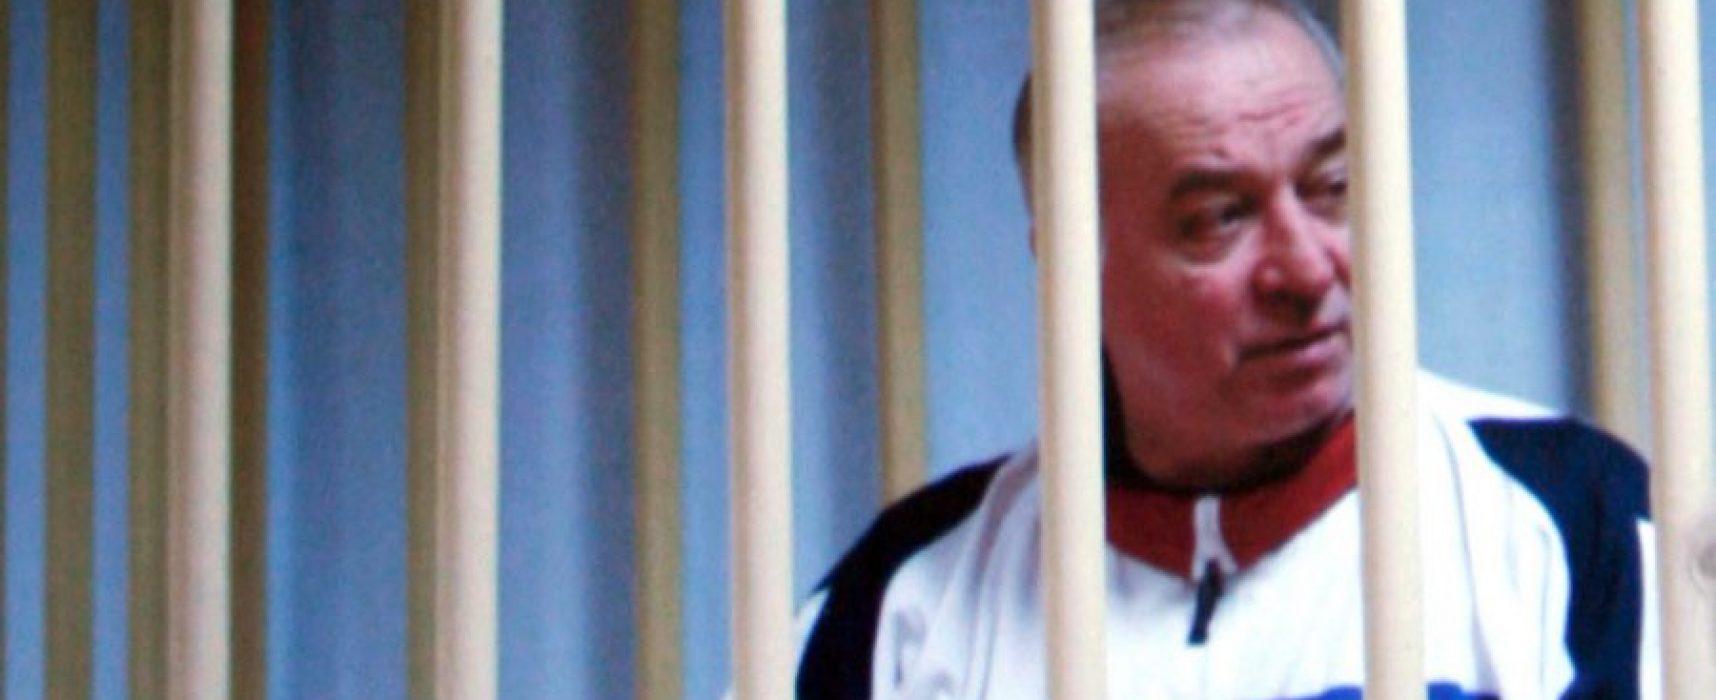 Zbiór strategii rosyjskiej propagandy w tweetach rosyjskiej ambasady dot. otrucia byłego szpiega Siergieja Skripala w Salisbury